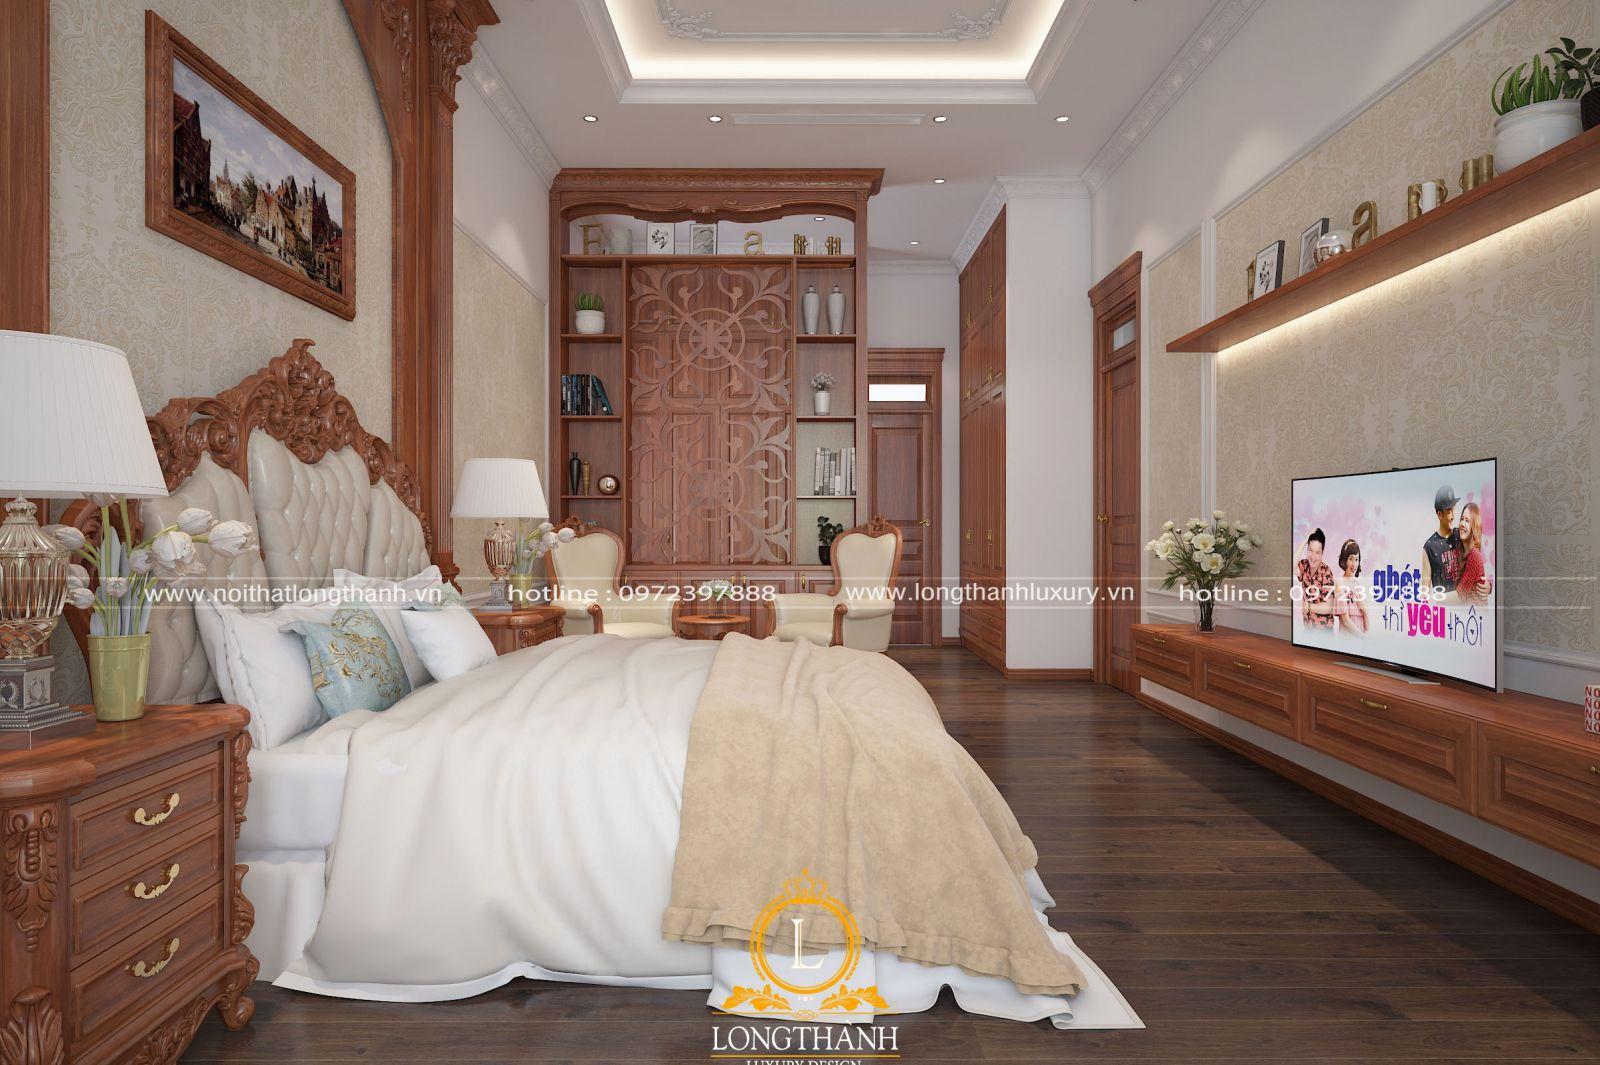 Vách ngăn phòng ngủ đa năng kết hợp tủ trang trí